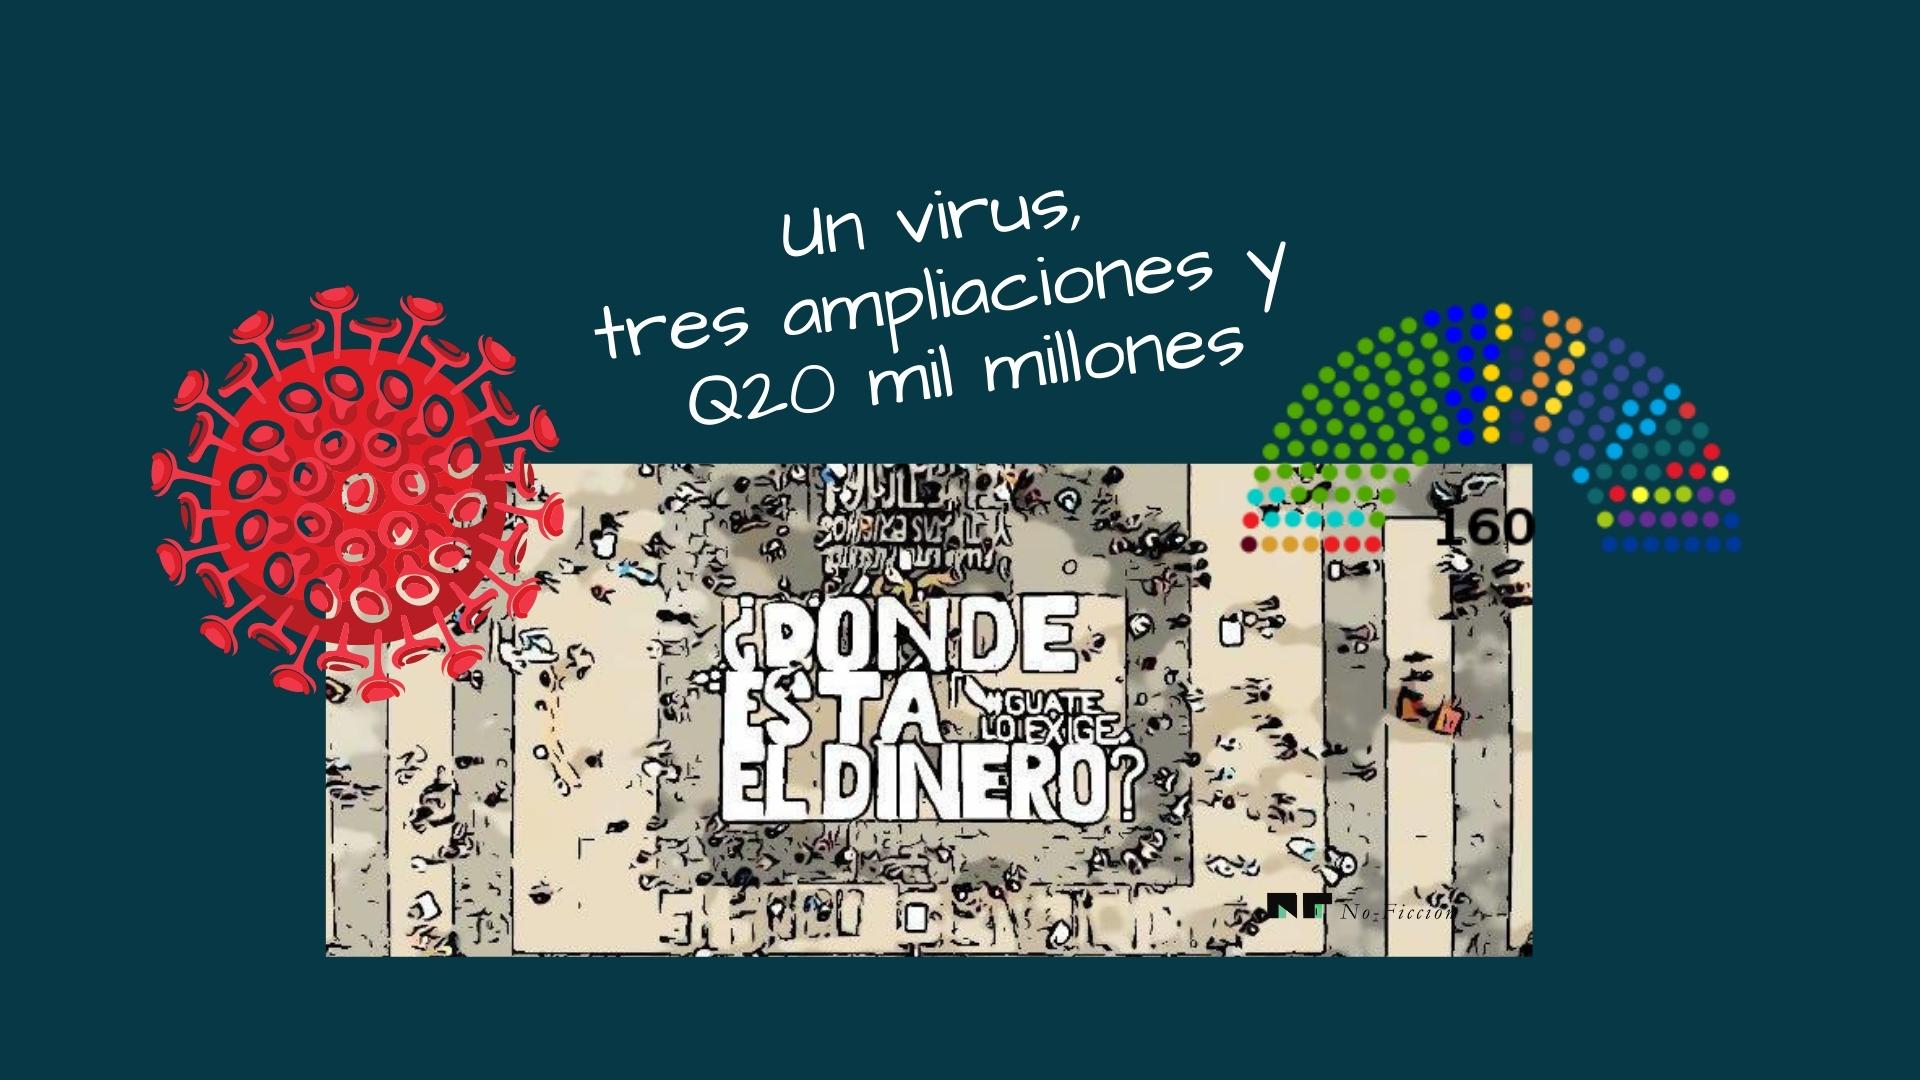 Un virus, tres ampliaciones y Q20 mil millones